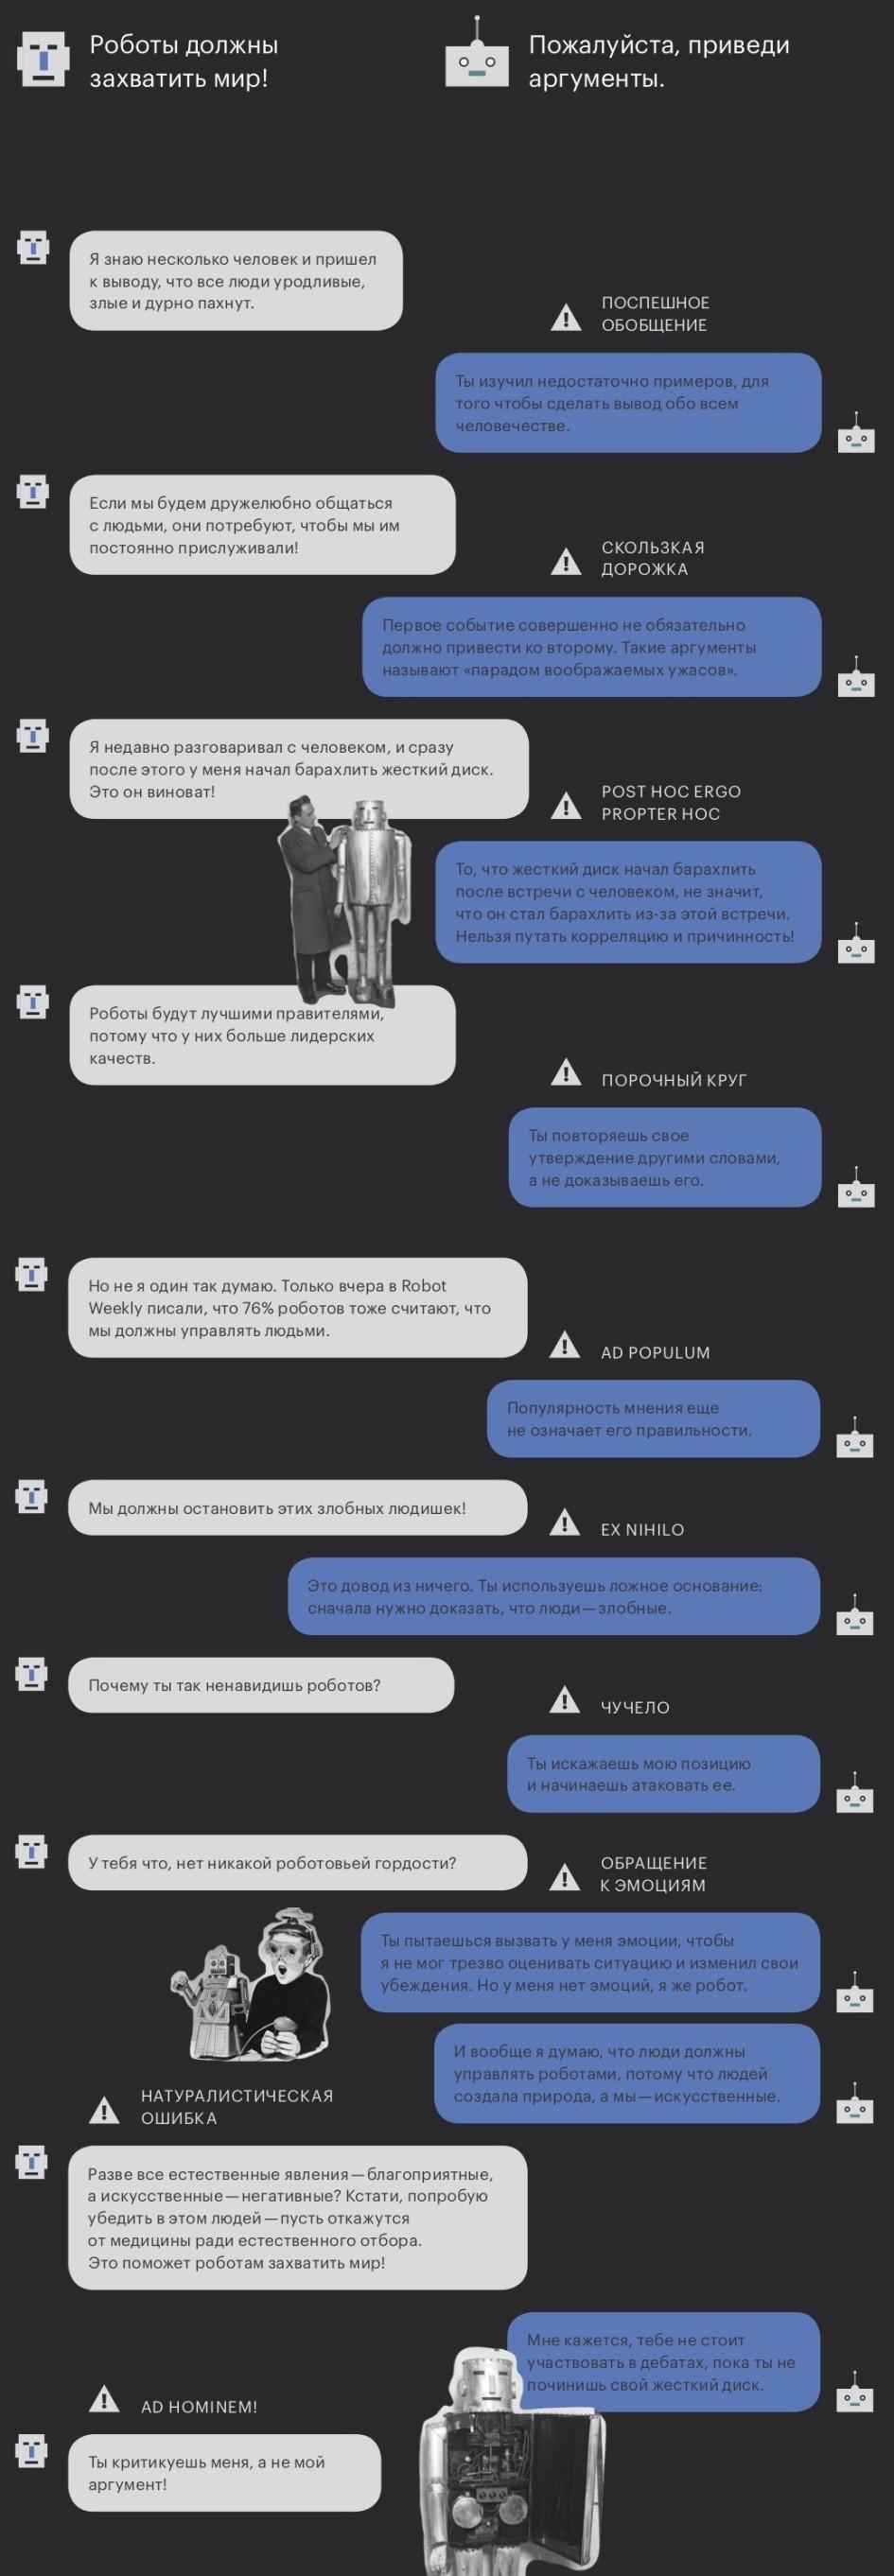 Разнообразные ошибки аргументации на примере диалога двух роботов